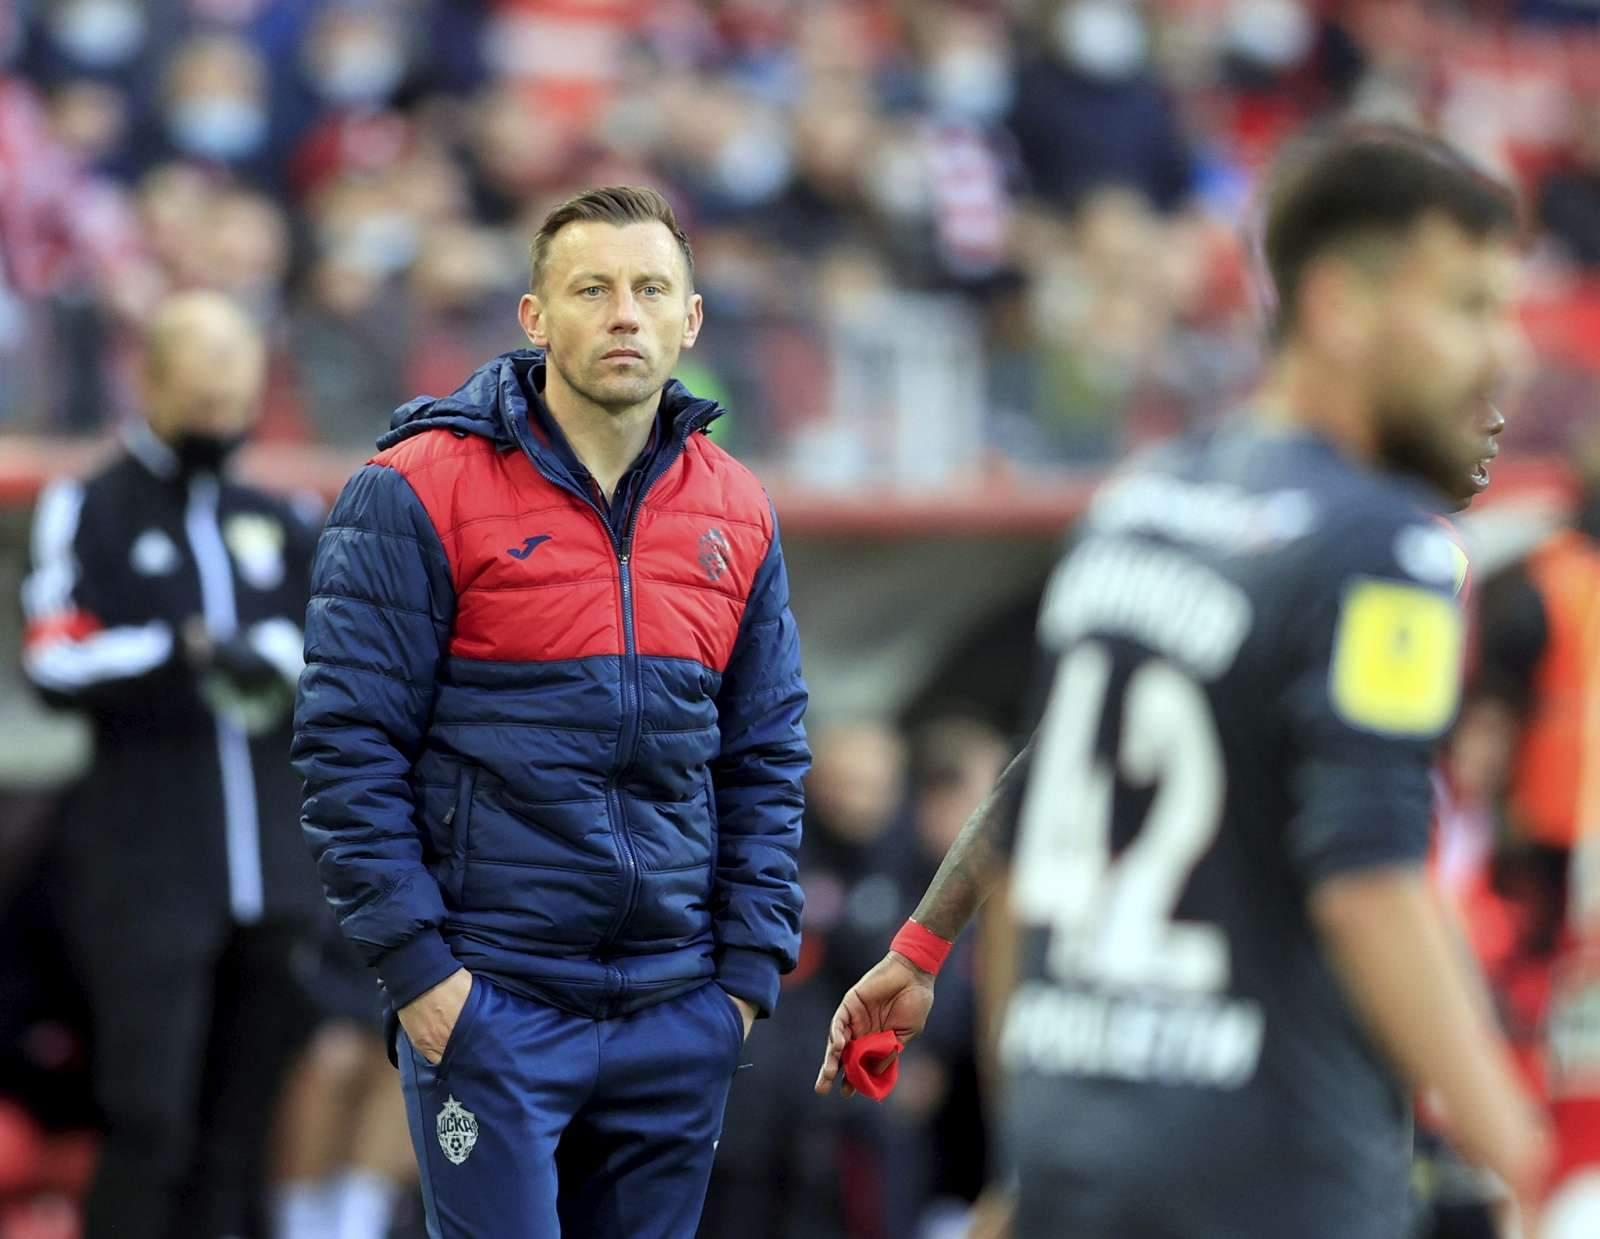 Олич: «Очень доволен тем, как сыграли после пропущенного гола и до конца игры»